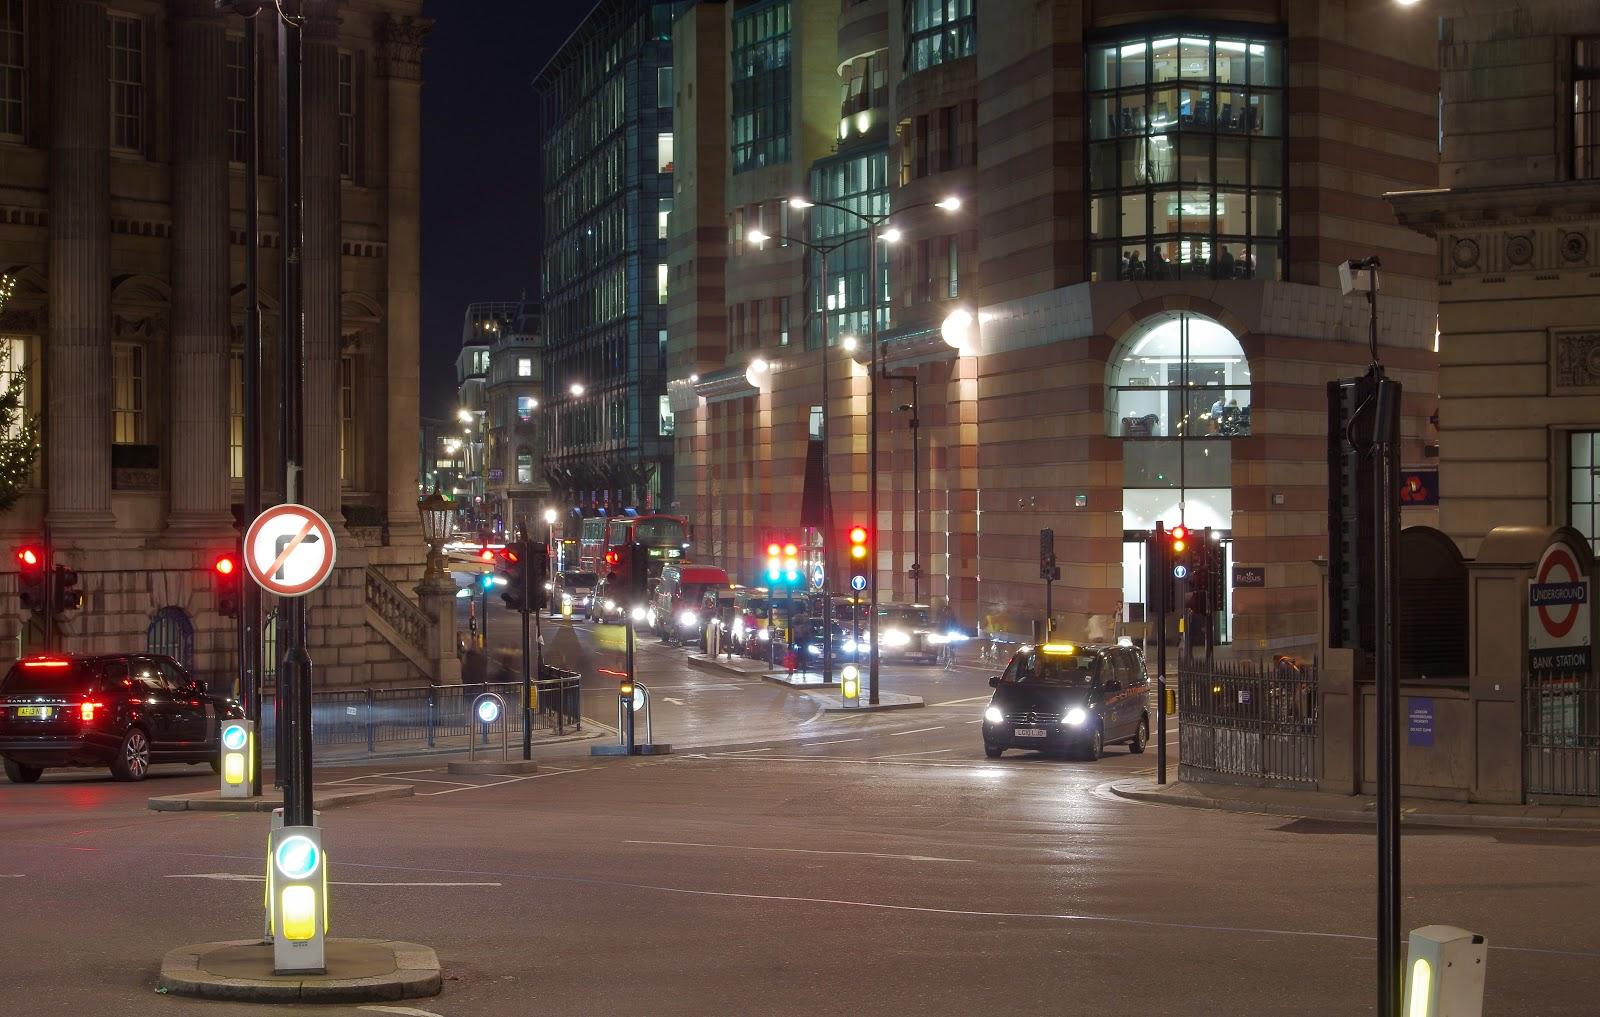 ロンドンの夜の交差点で停車中のブラックキャブ